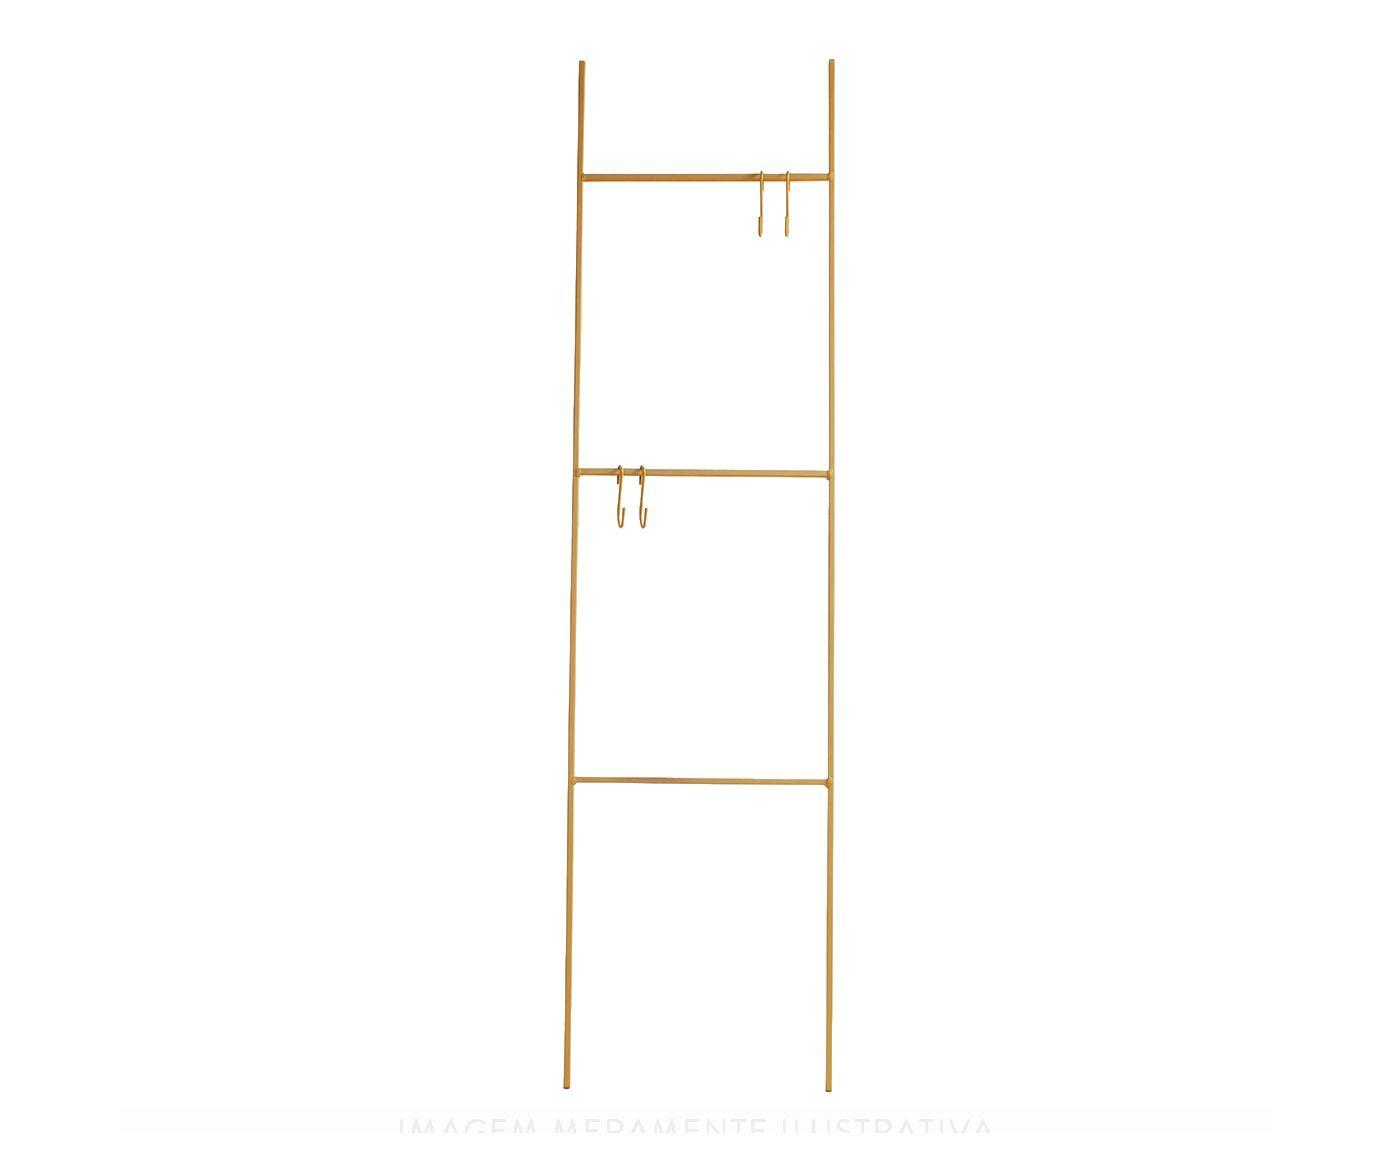 Escada Decorativa Linee Dourada - 40X156X0,8cm | Westwing.com.br